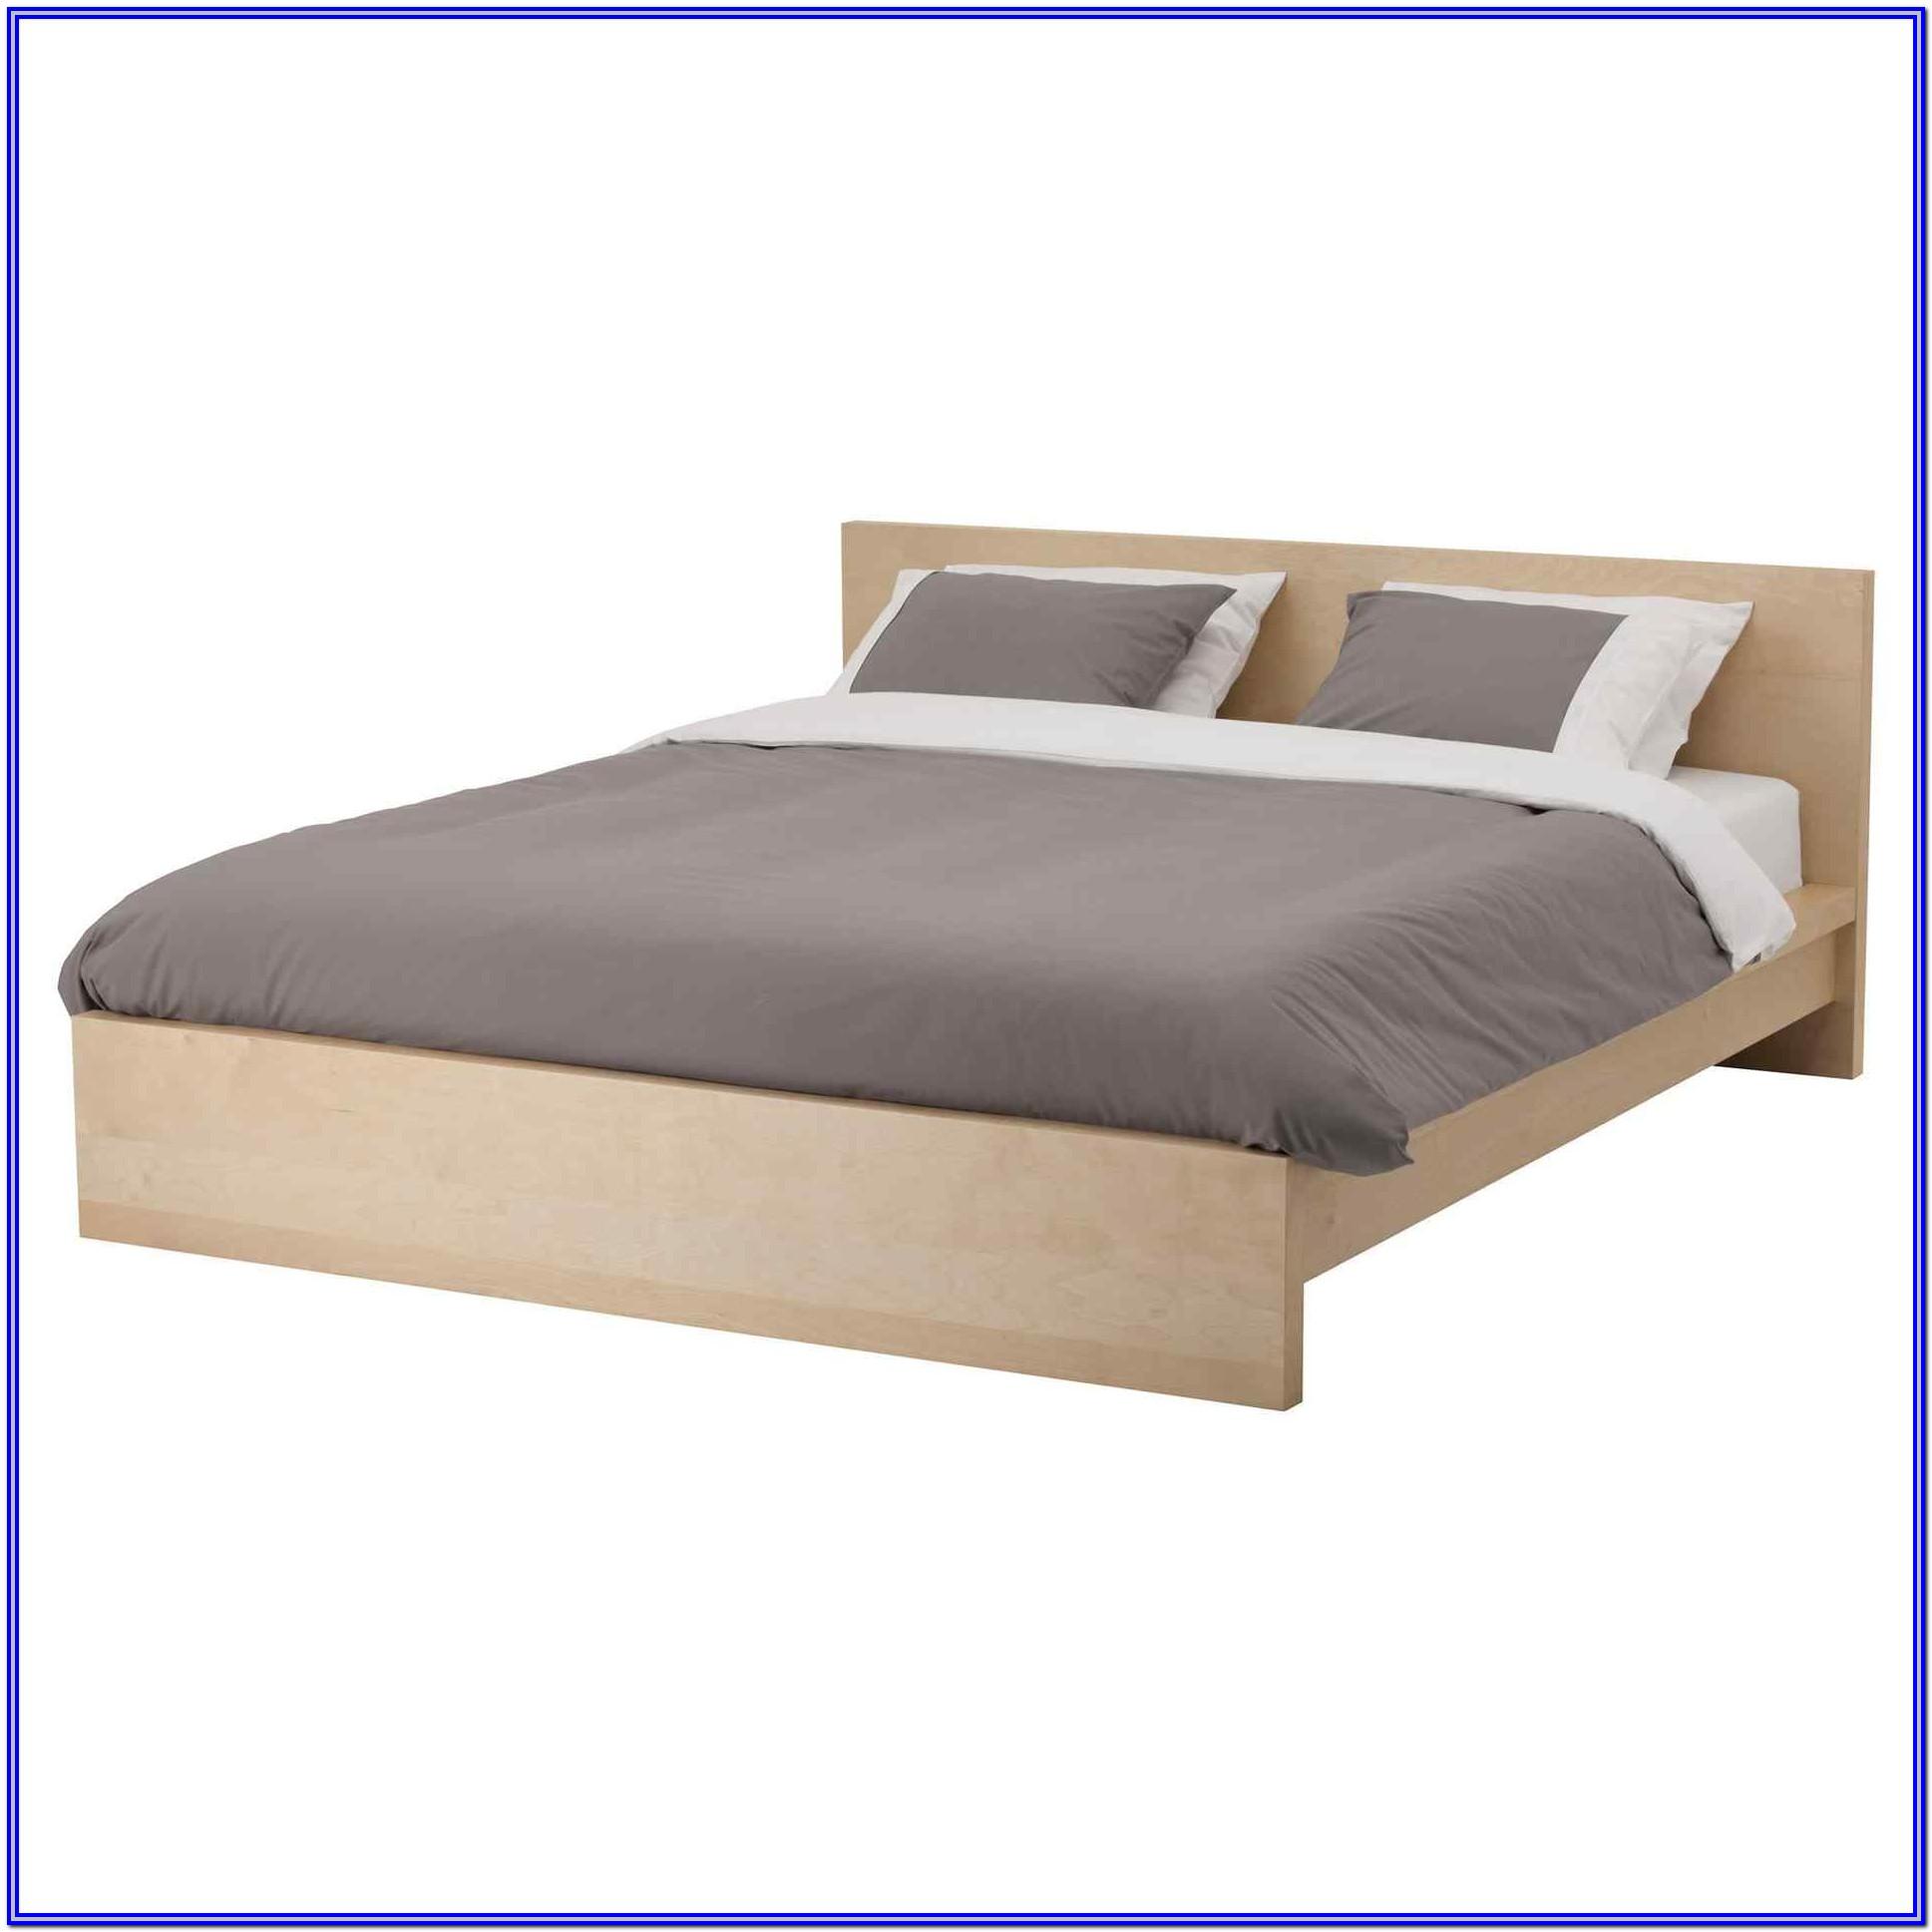 Low Platform Bed Frame Ikea